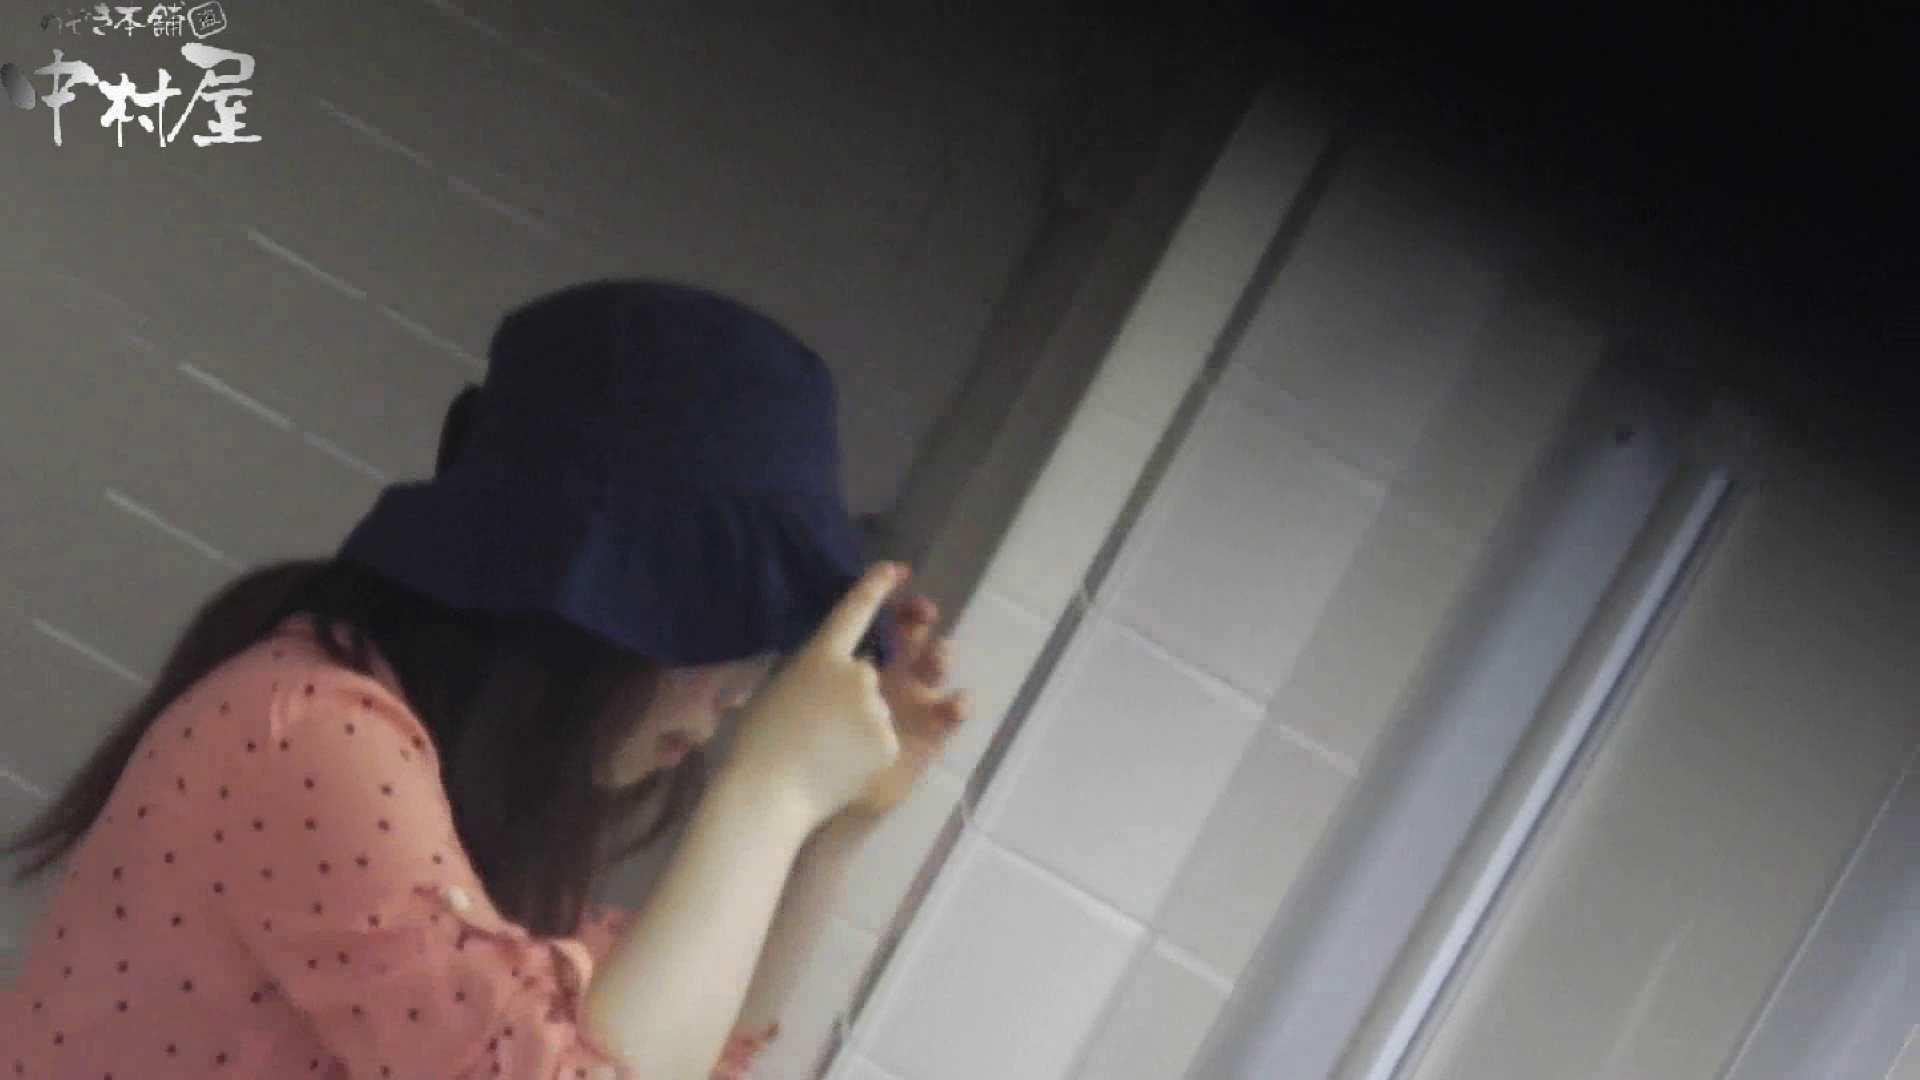 【お銀さんの「洗面所突入レポート!!」】お銀さんの「洗面所突入レポート!!」 vol.28小島陽菜似のピンクオシャレさん 美しいOLの裸体  102pic 14